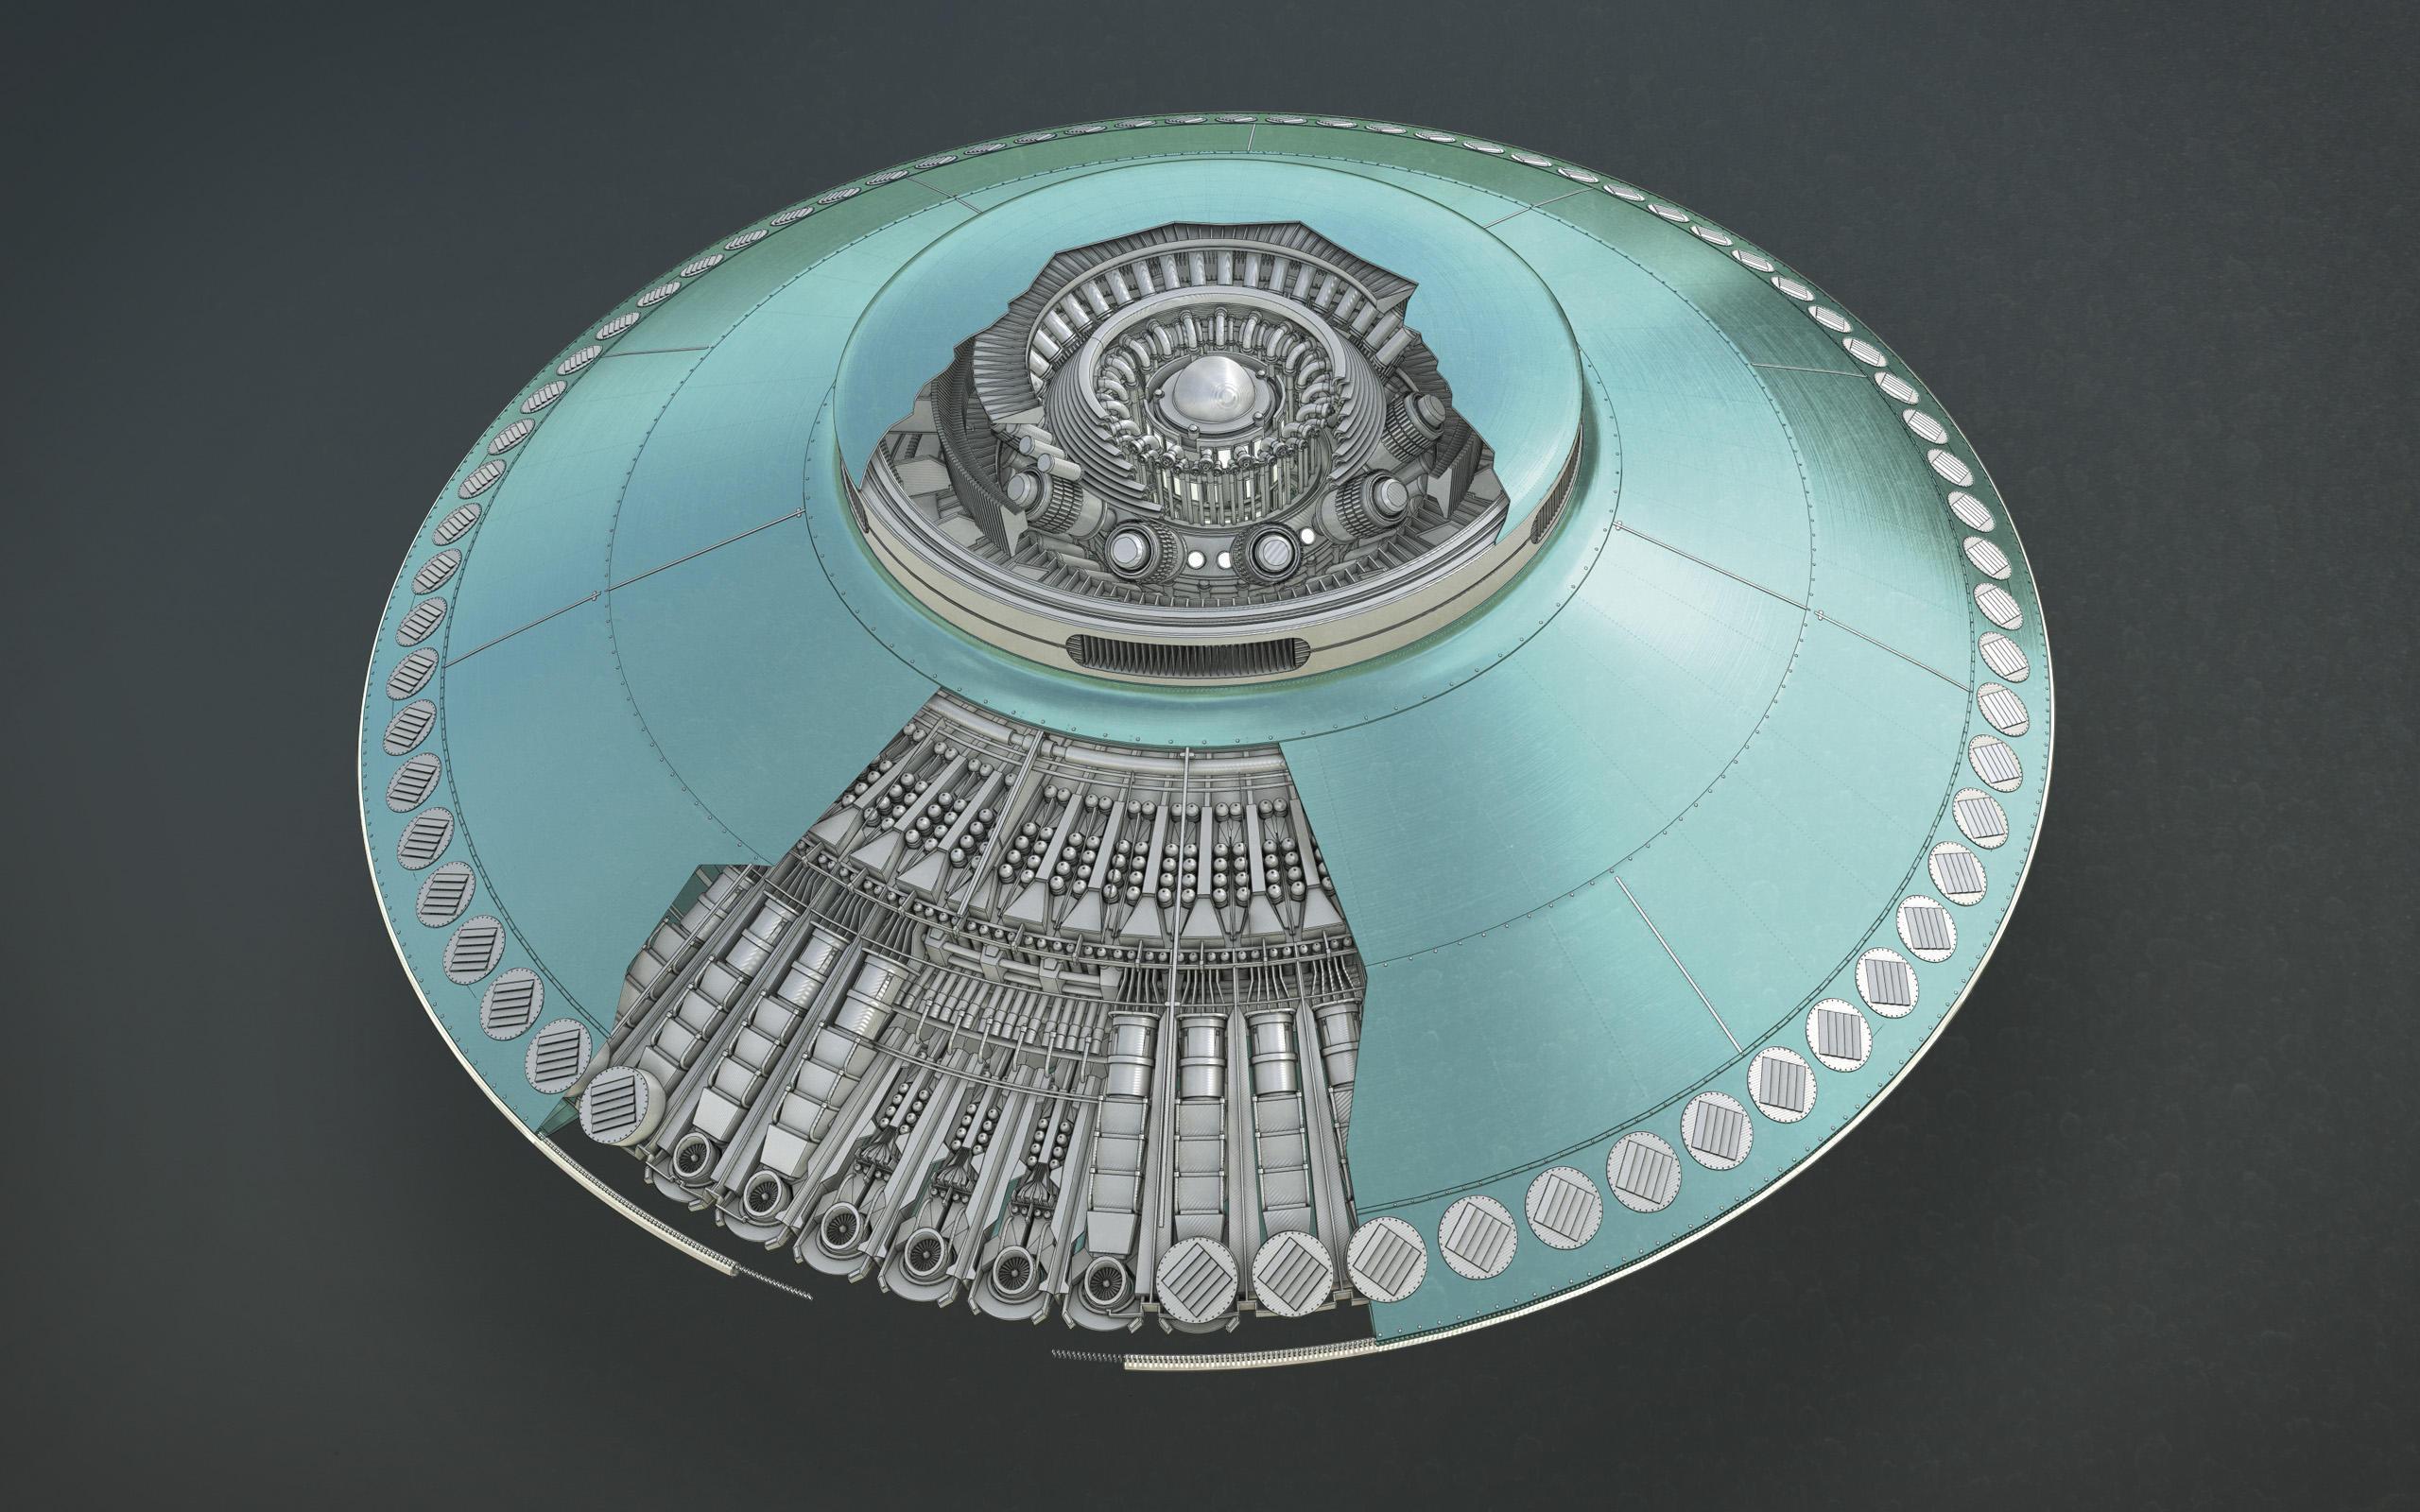 UFO by Shelest